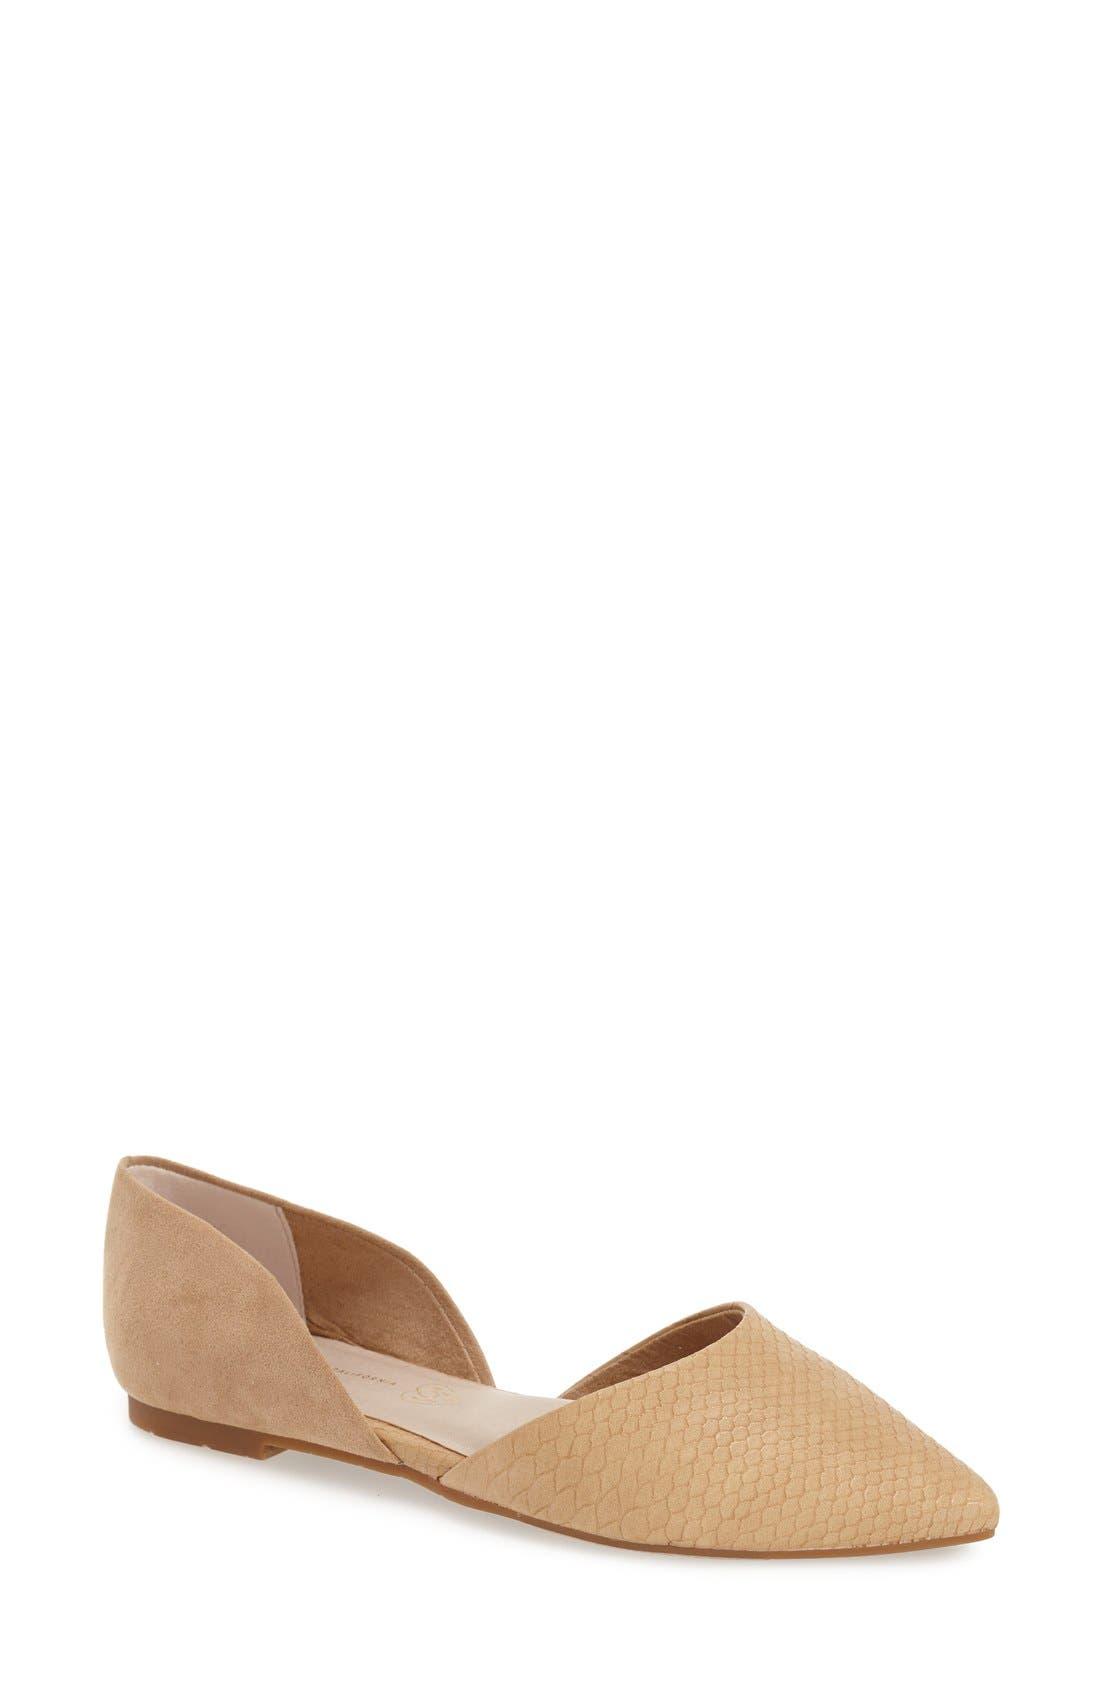 Main Image - BC Footwear 'Society' d'Orsay Flat (Women)